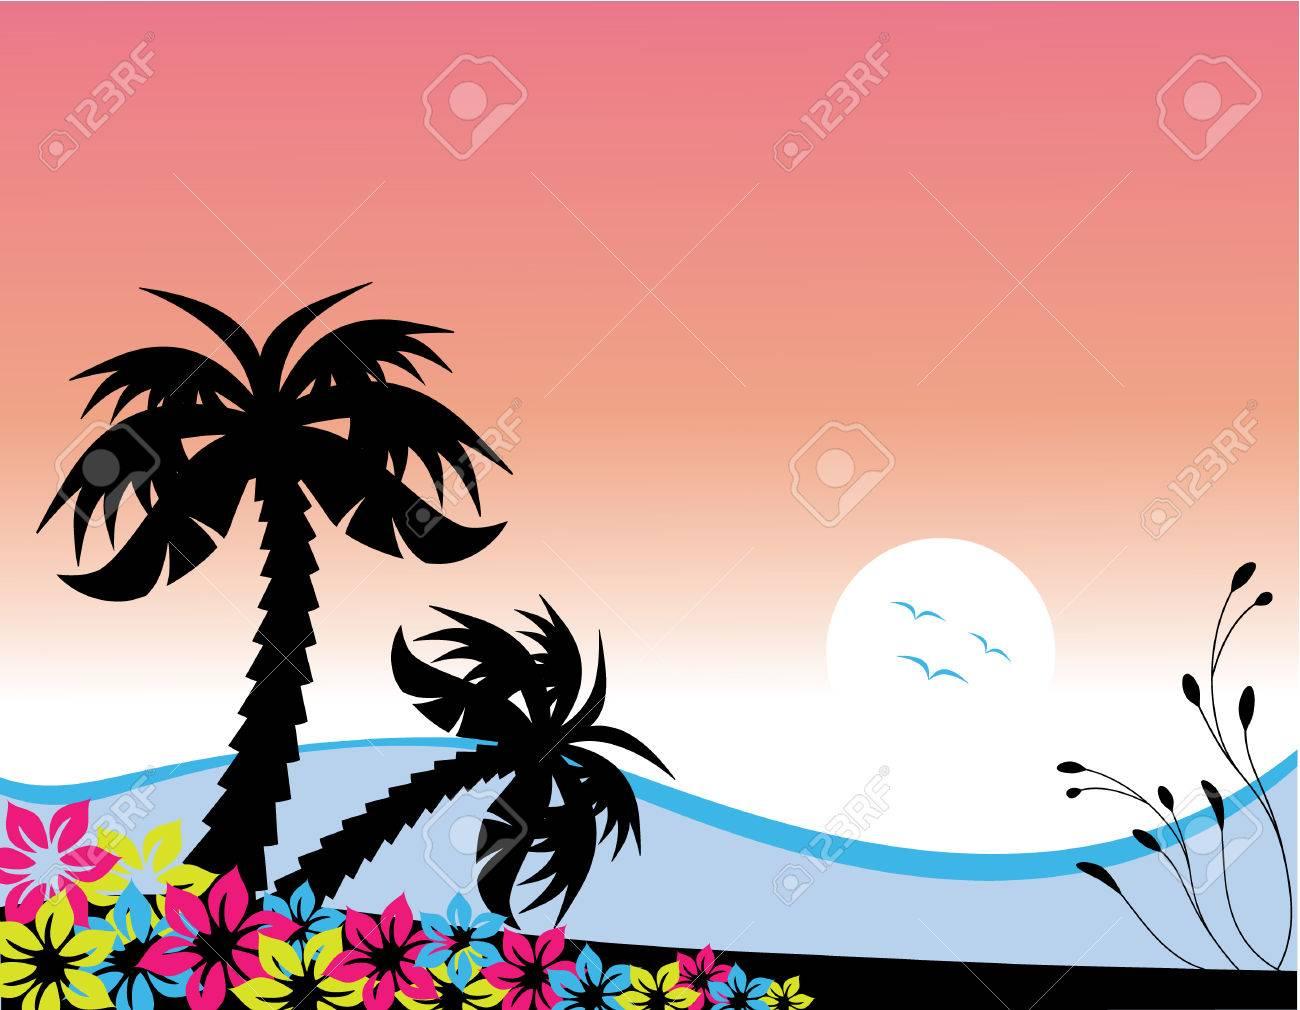 Ilustración vectorial de palmeras en la playa al atardecer Foto de archivo - 4749232